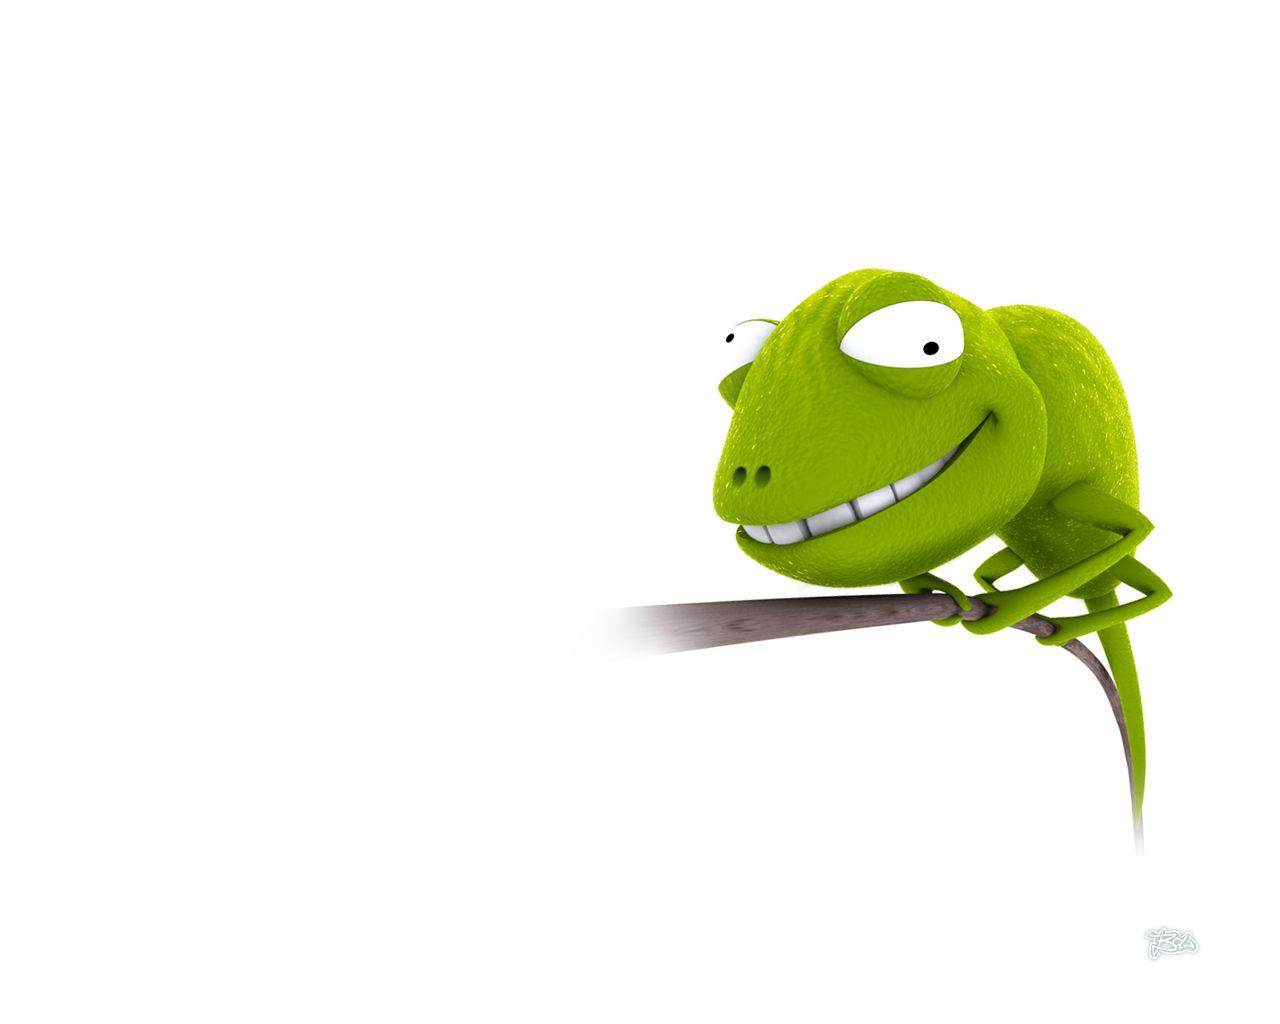 Chameleon By Nicobou On Deviantart Bo Sat